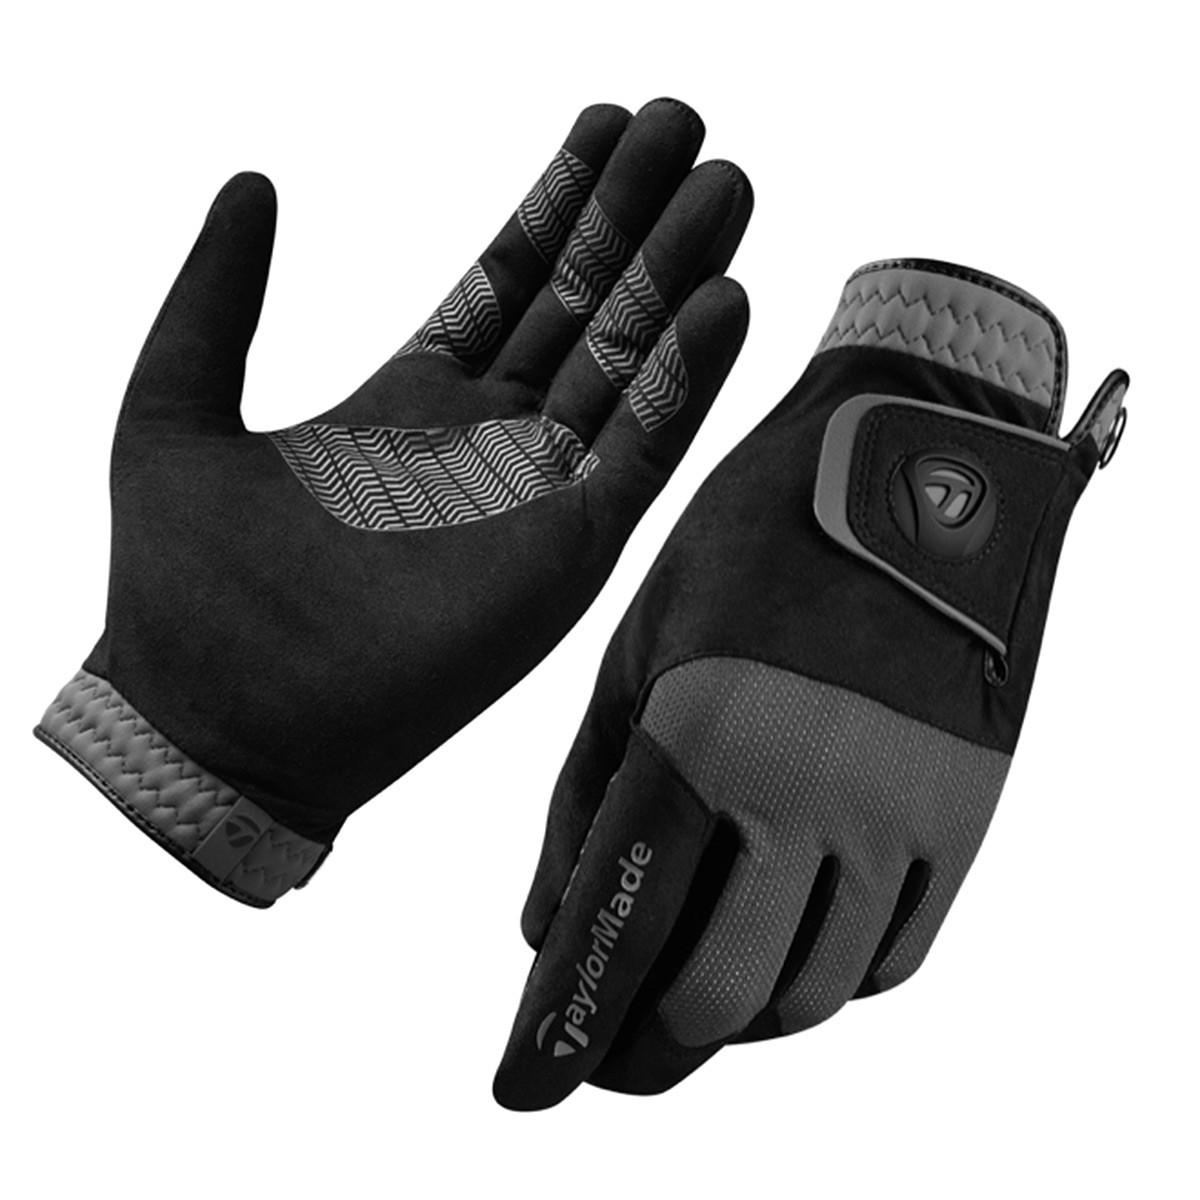 3e76056633b Taylormade Mens Rain Control Grip Strong Ultra-Thin Golf Gloves - Pair